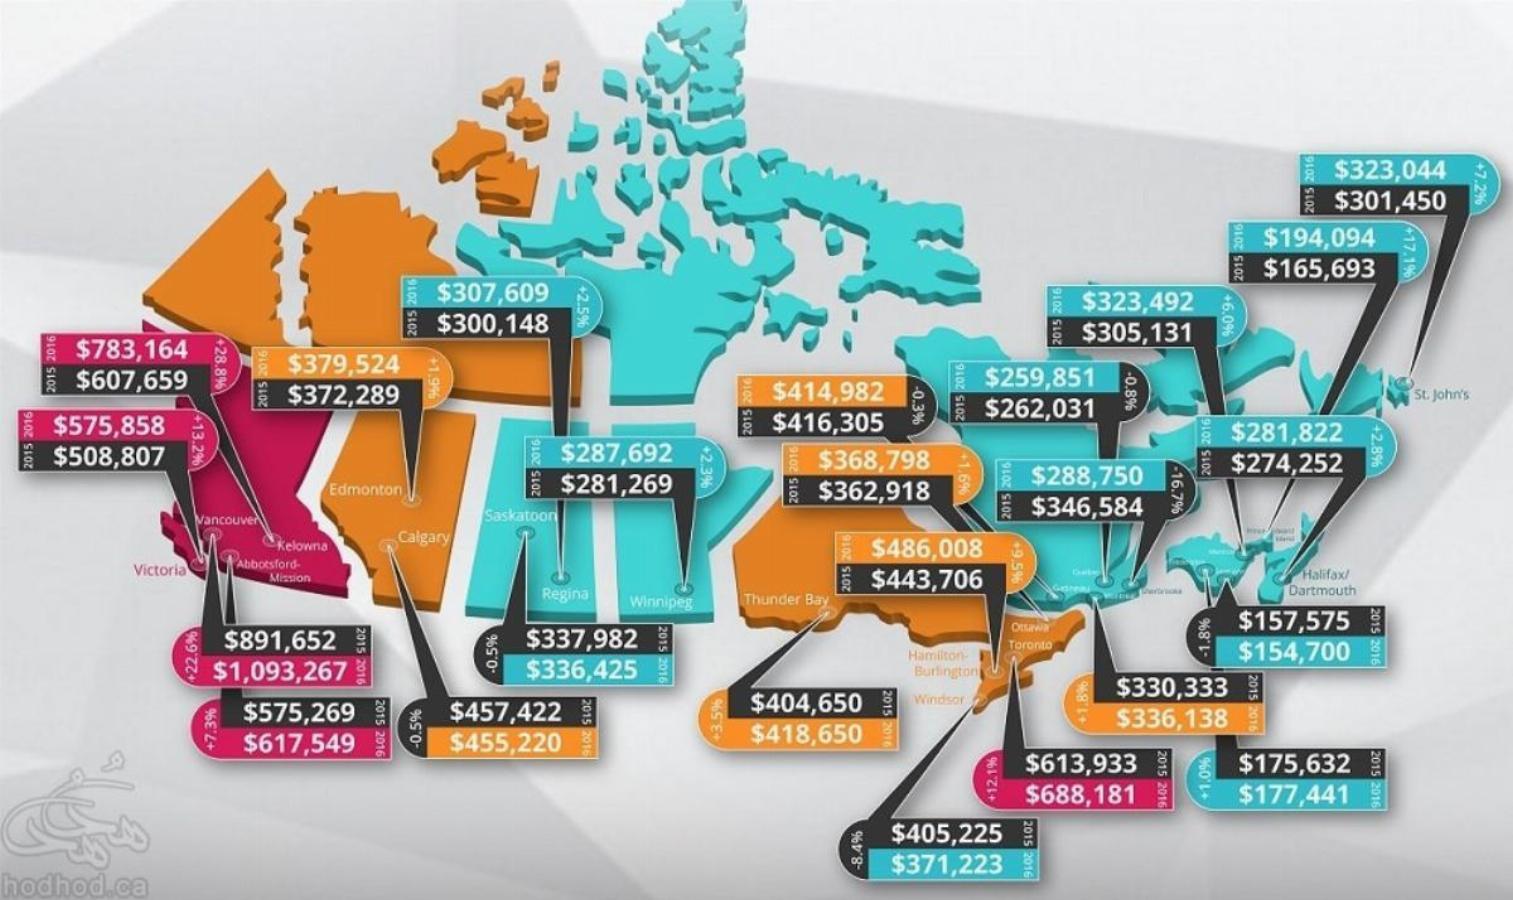 یک اینفوگراف برای یک تصمیم مهم: بهترین شهرهای کانادا برای خرید خانه